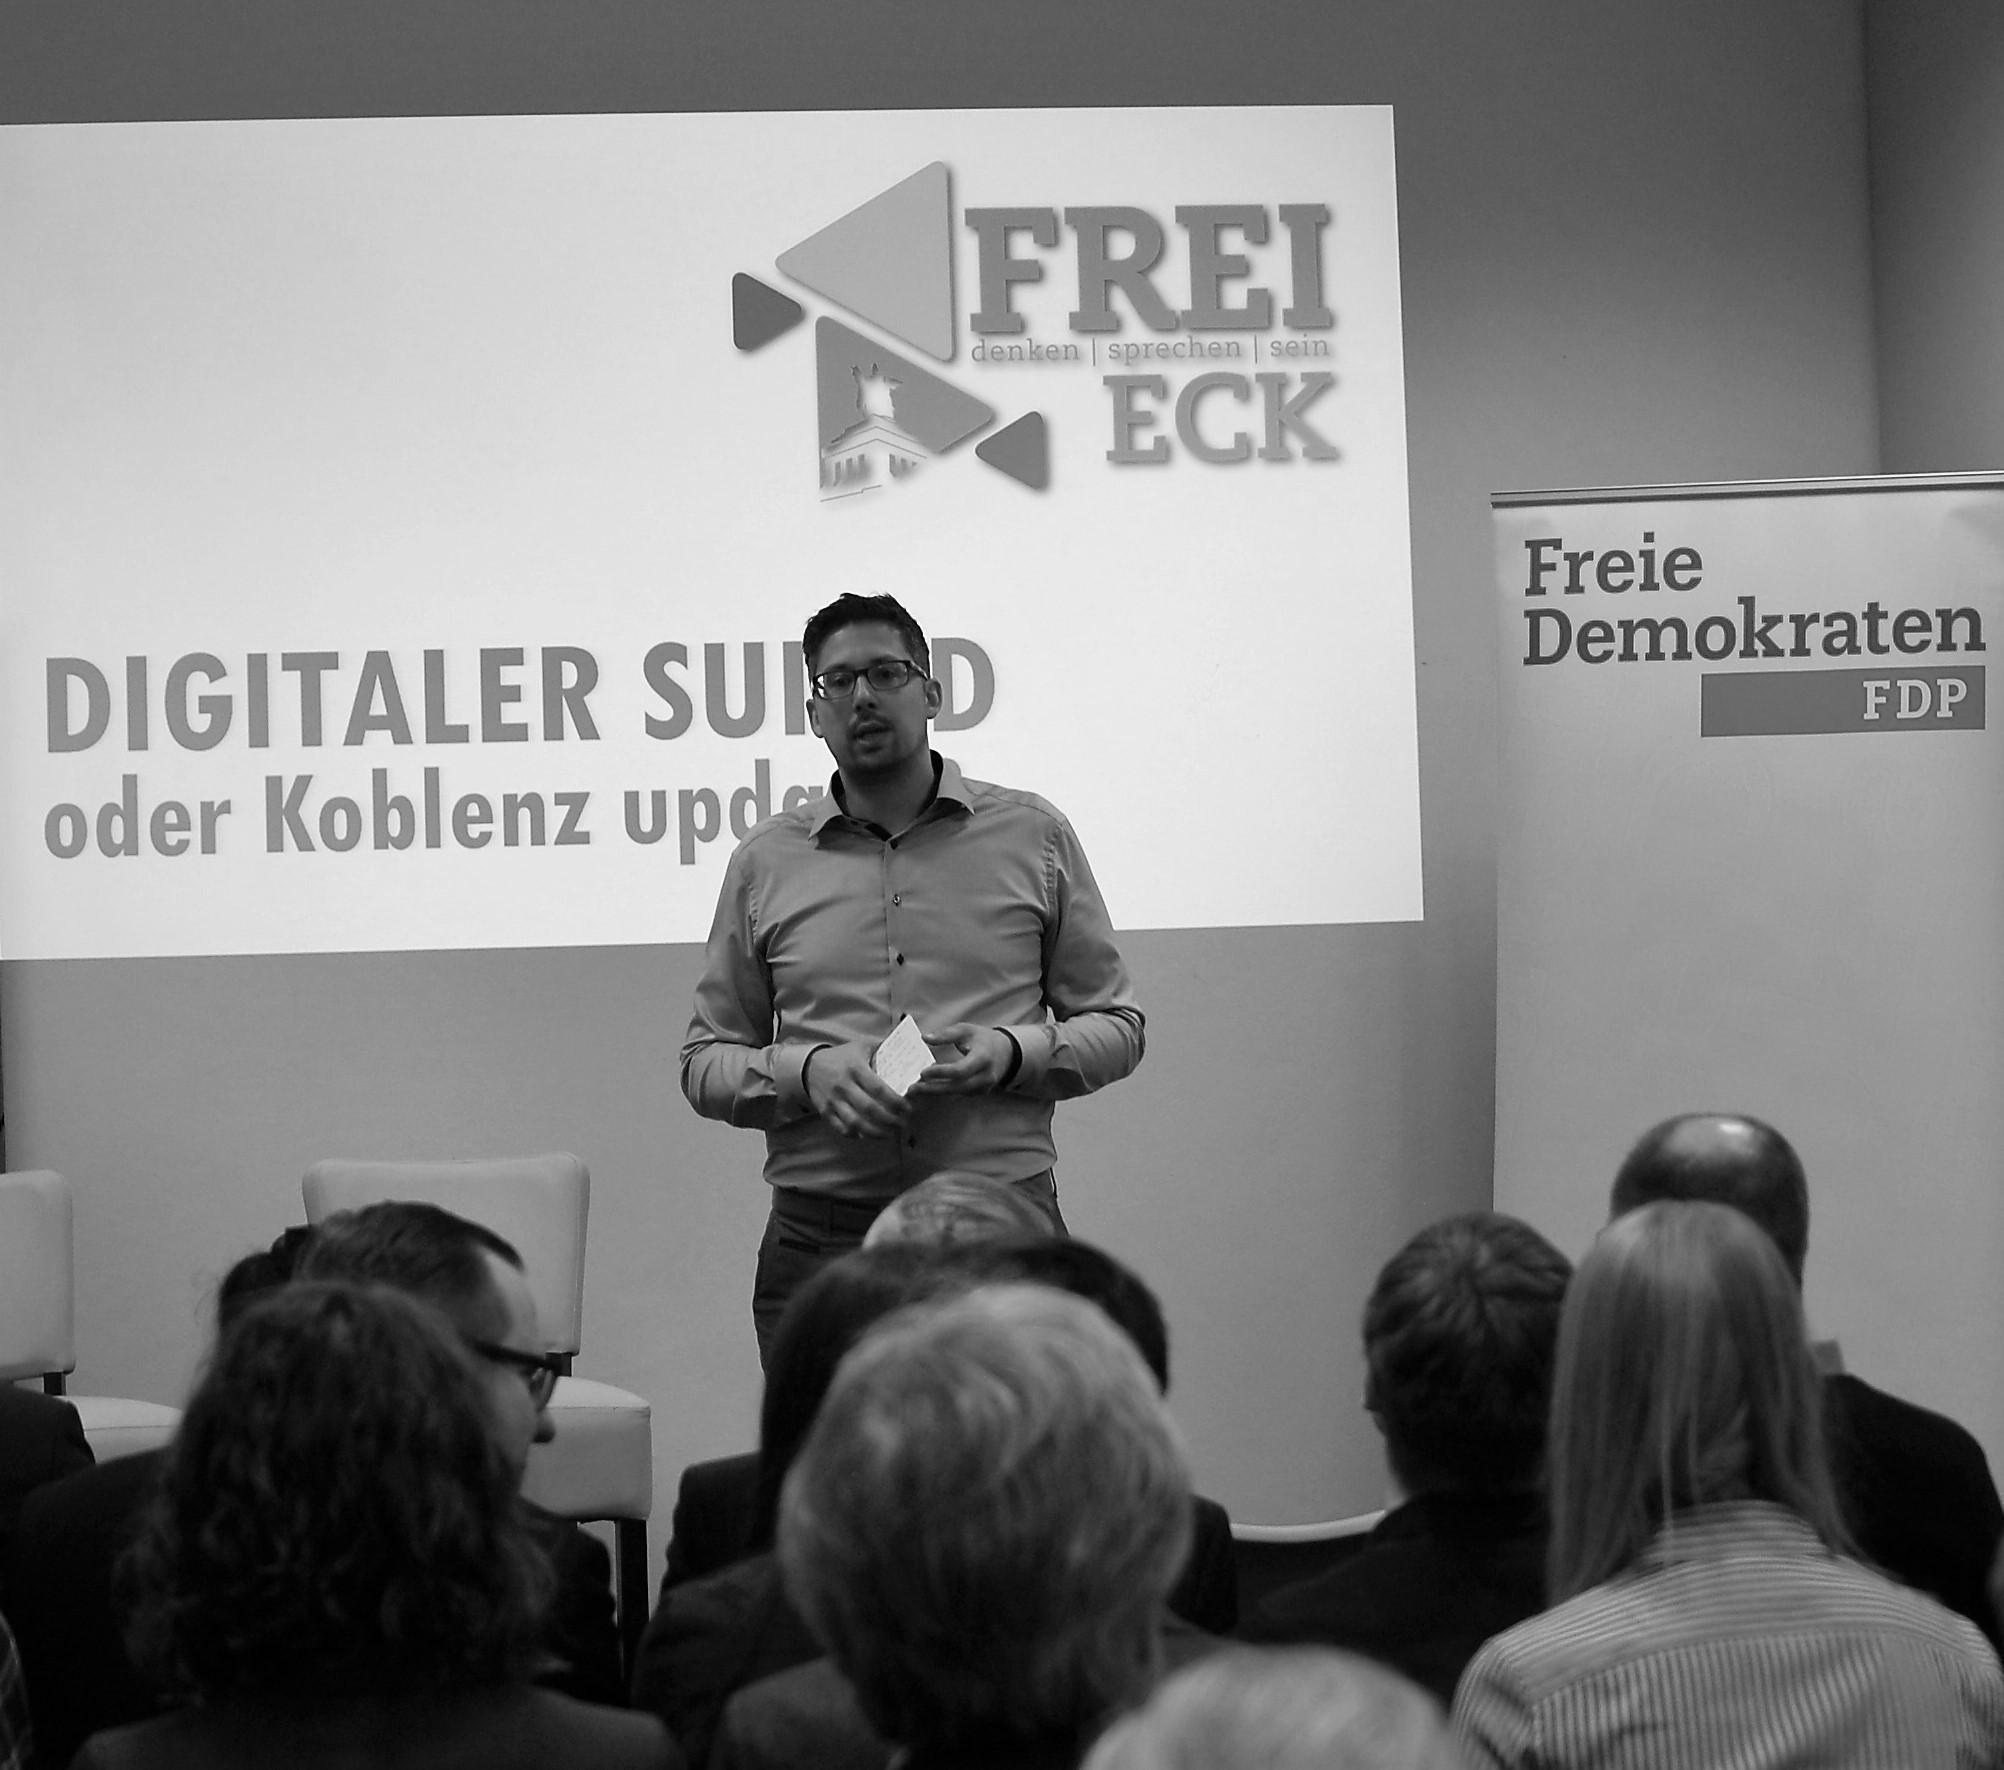 FreiEck: Digitaler Suizid oder Koblenz update?